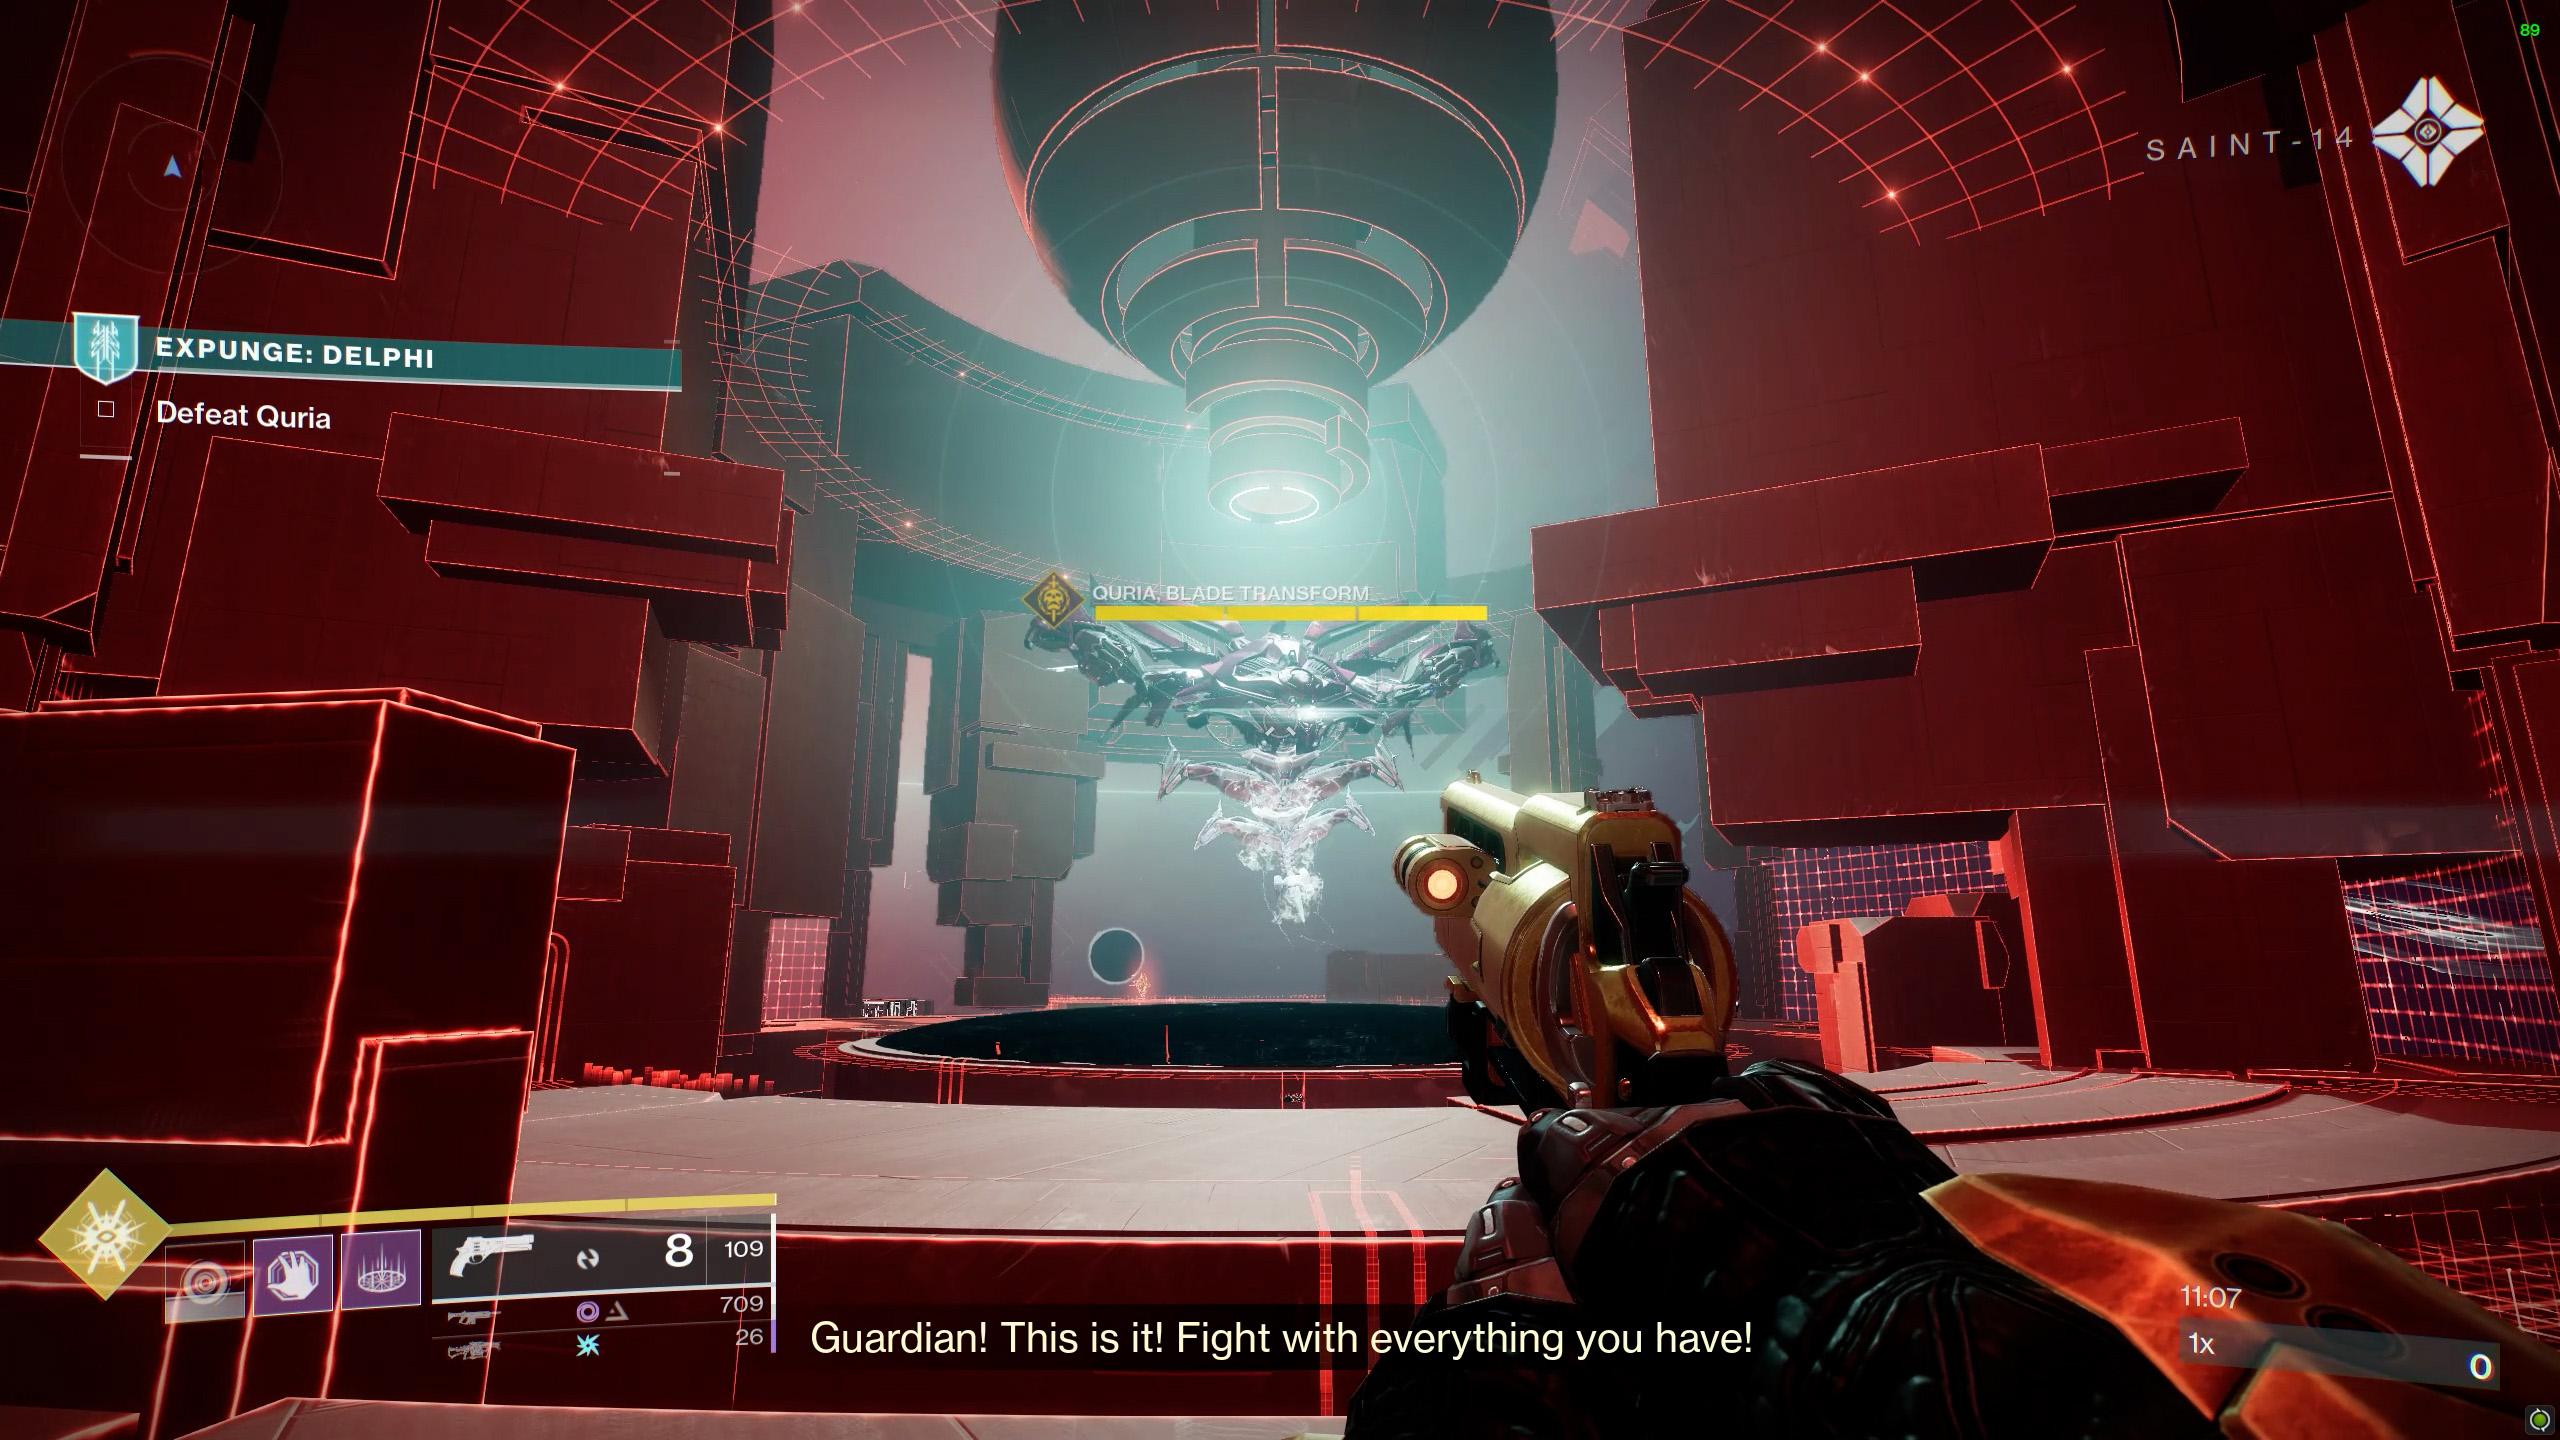 destiny 2 expunge delphi quria blade transform